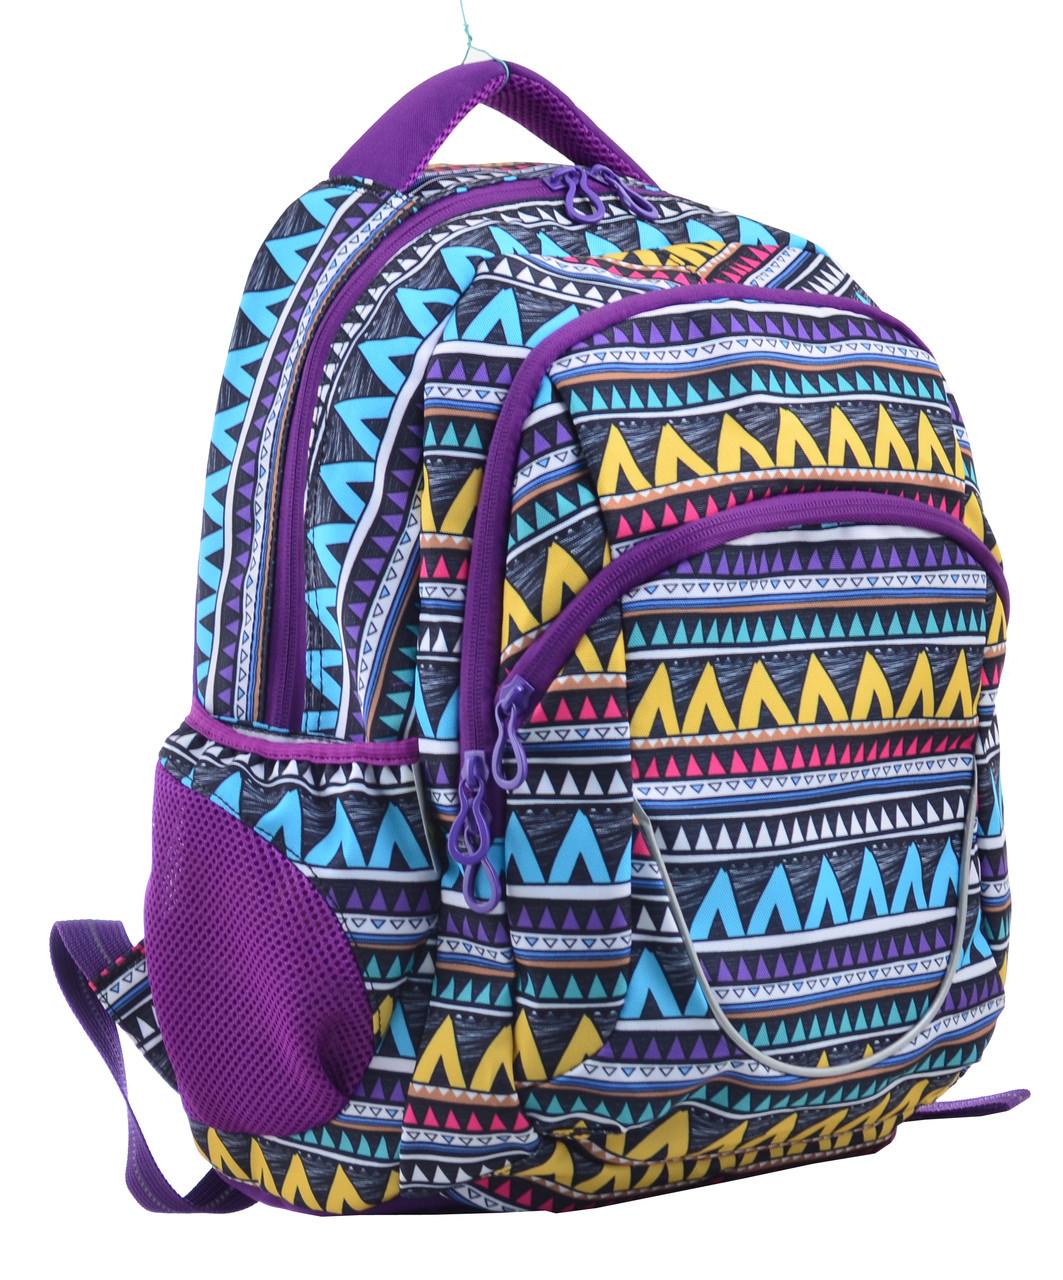 Рюкзак городской YES Т-45 Carten 554858, 17 л,фиолетовый